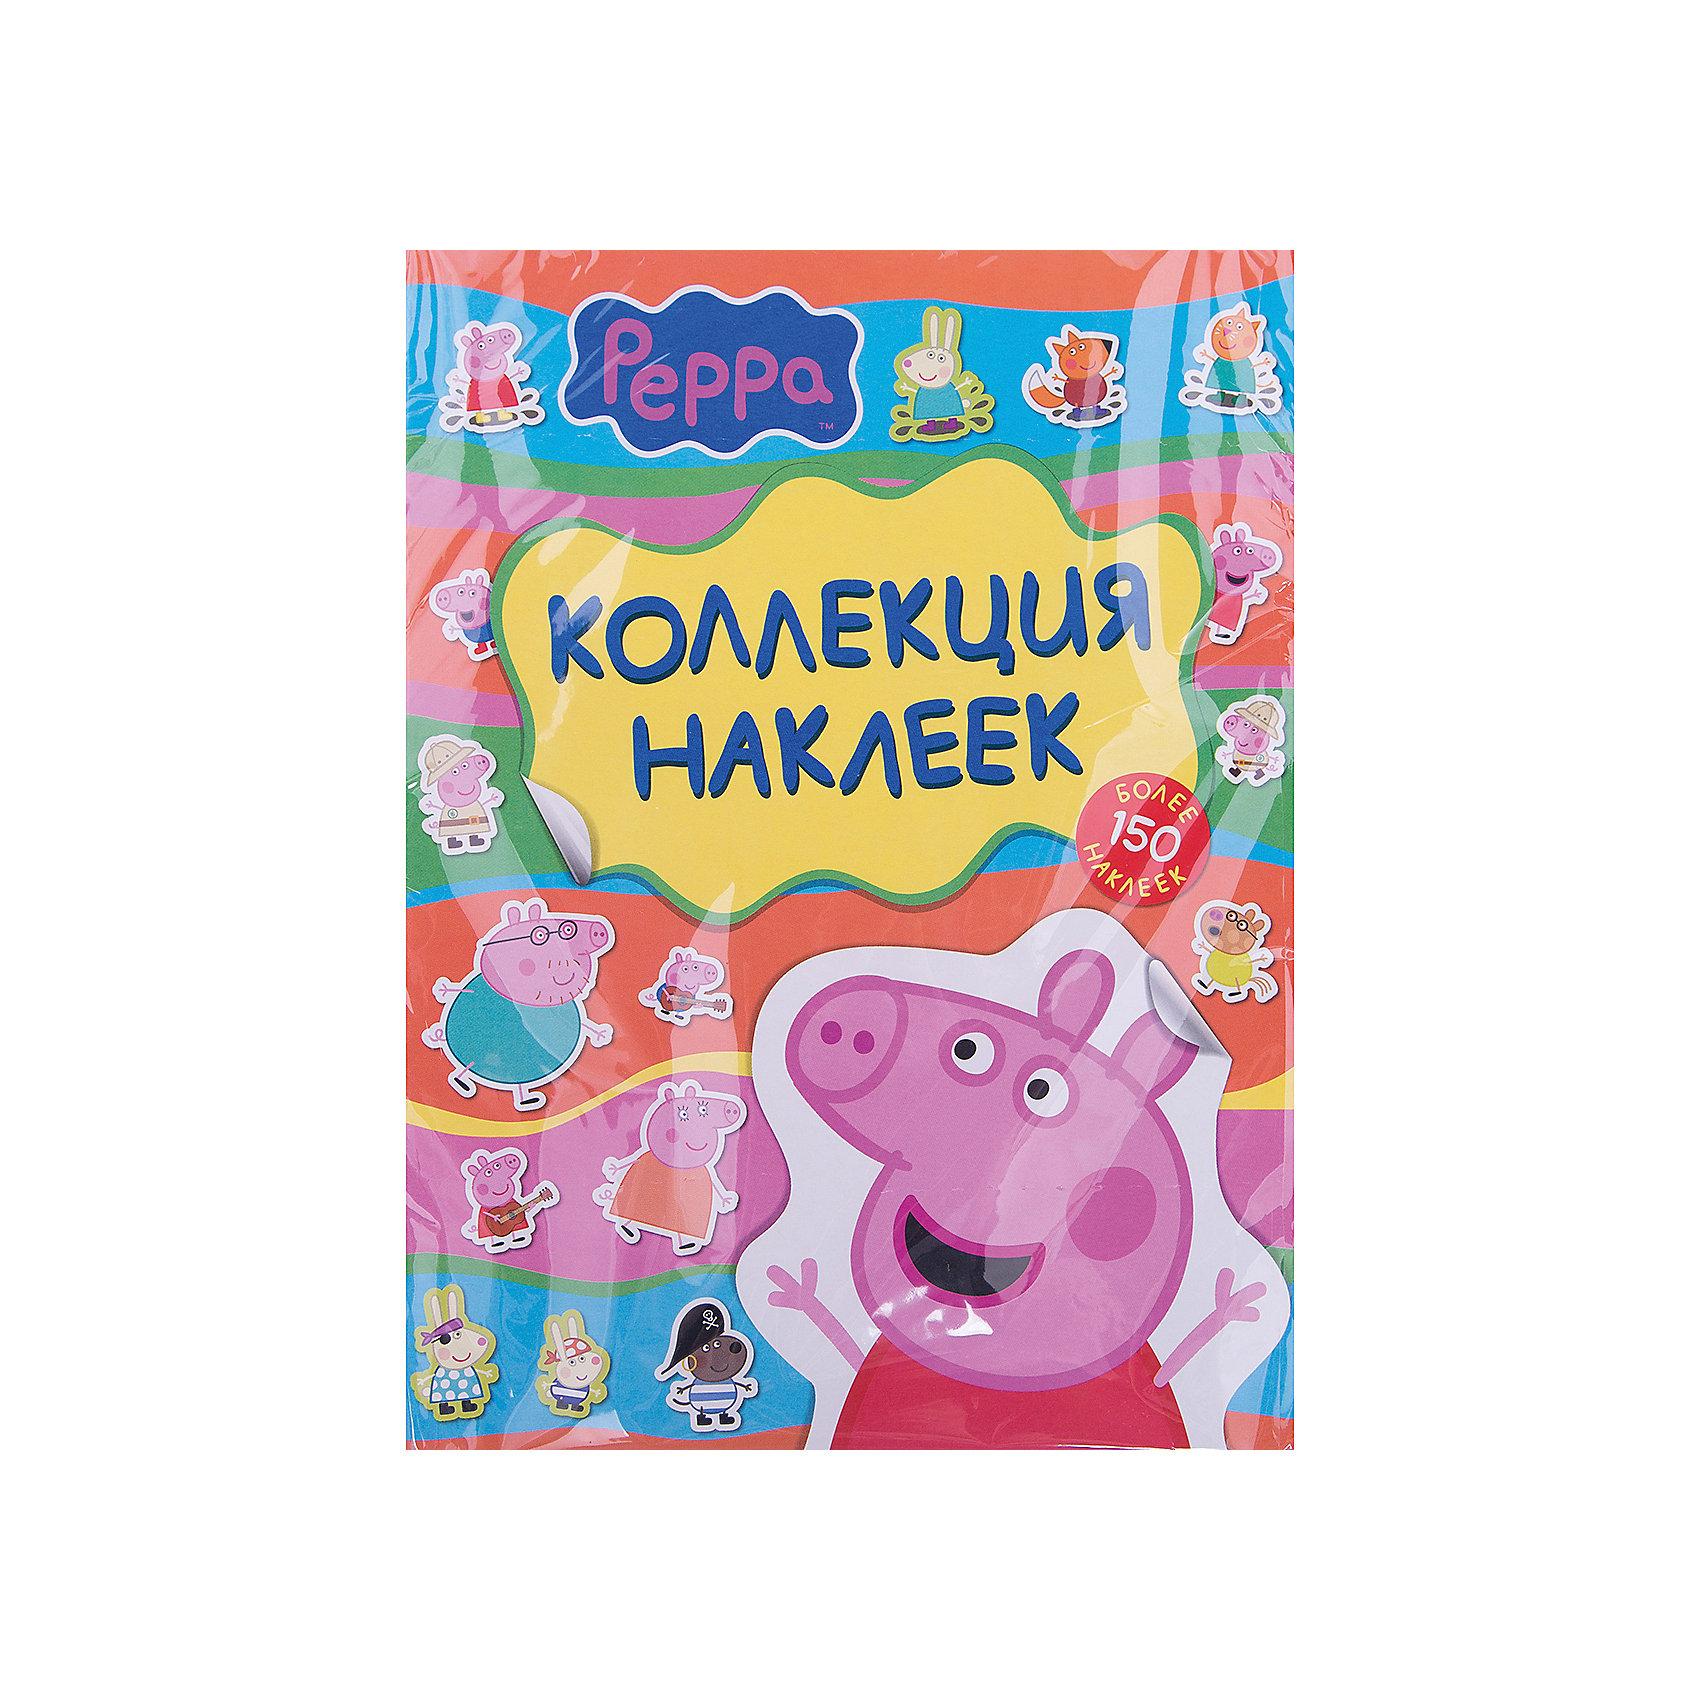 Коллекция наклеек Свинка Пеппа, желт.Книжки с наклейками<br>Коллекция наклеек Свинка Пеппа, желт.<br><br>Характеристики:<br><br>• ISBN: 4680274029608<br>• Количество наклеек: 150+<br>• Герой: Свинка Пеппа<br><br>В этом наборе содержится более 150-ти ярких наклеек из любимого многими мультика Свинка Пеппа. Ваш ребенок сможет украсить ими свои тетради, игрушки или комнату. Эти красочные наклейки станут прекрасным подарком. Работа с наклейками развивает мелкую моторику и подарит много приятных минут вашему ребенку. Наклейки сделаны из полностью безопасного материала и не вредят ребенку.<br><br>Коллекция наклеек Свинка Пеппа, желт. можно купить в нашем интернет-магазине.<br><br>Ширина мм: 275<br>Глубина мм: 210<br>Высота мм: 30<br>Вес г: 80<br>Возраст от месяцев: 36<br>Возраст до месяцев: 2147483647<br>Пол: Унисекс<br>Возраст: Детский<br>SKU: 5507088